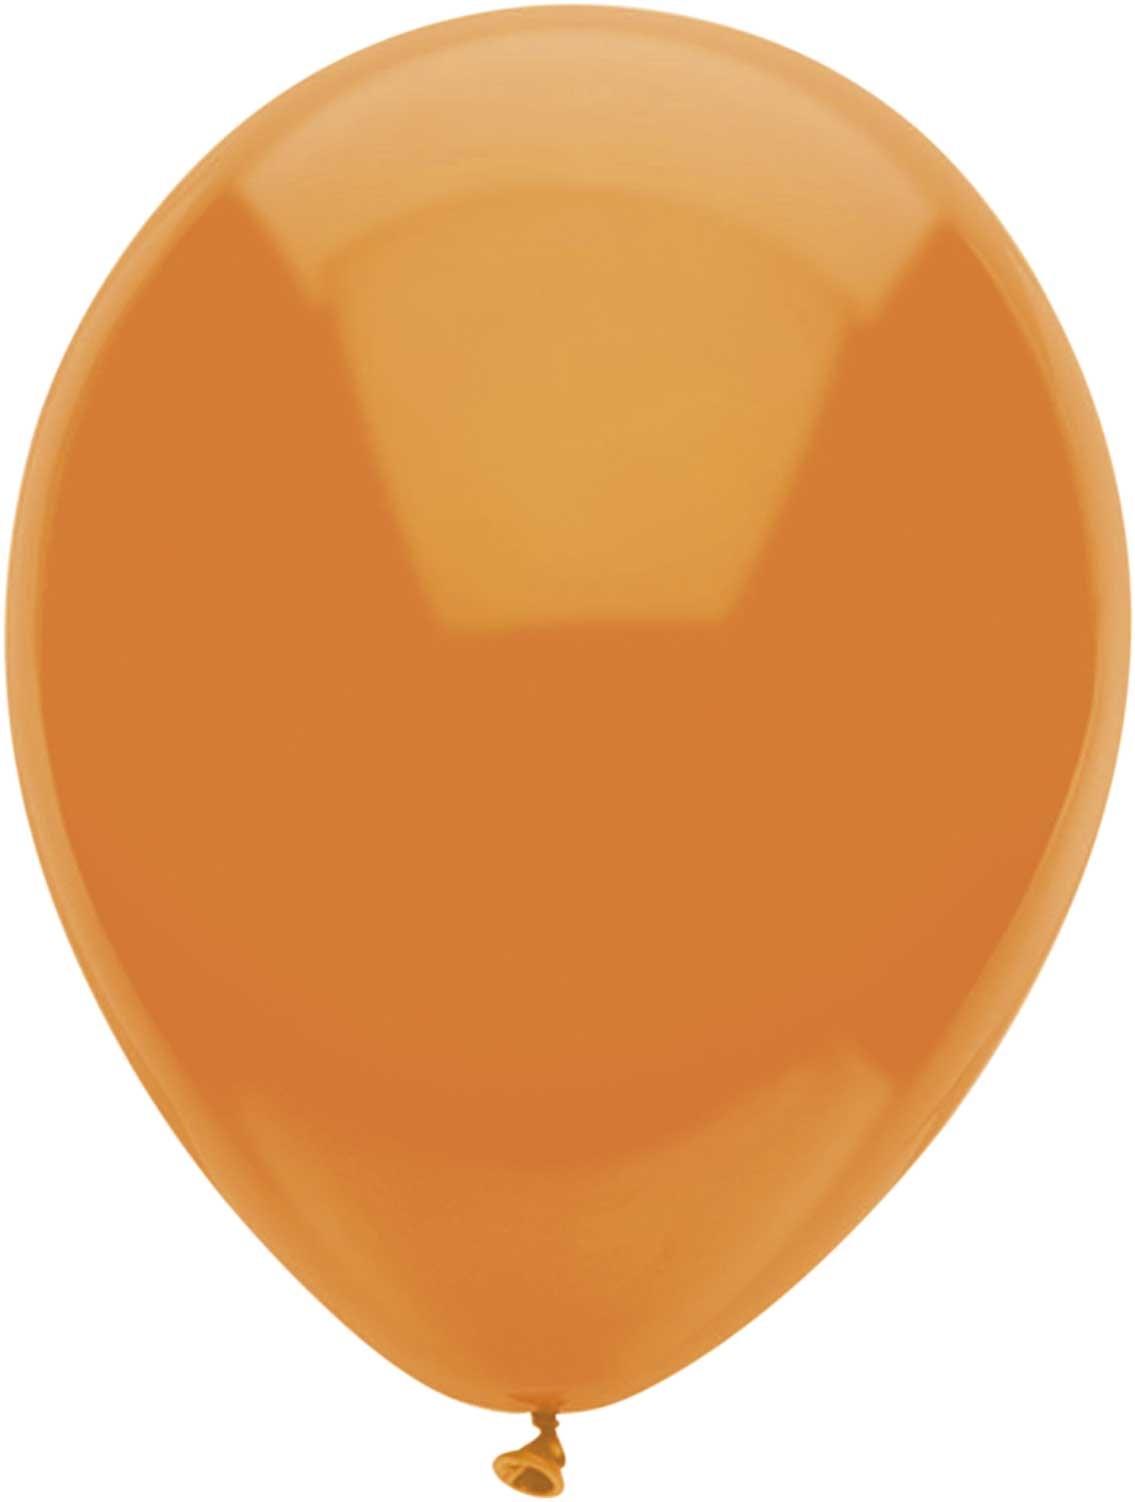 Ballonnen rond oranje 10 stuks